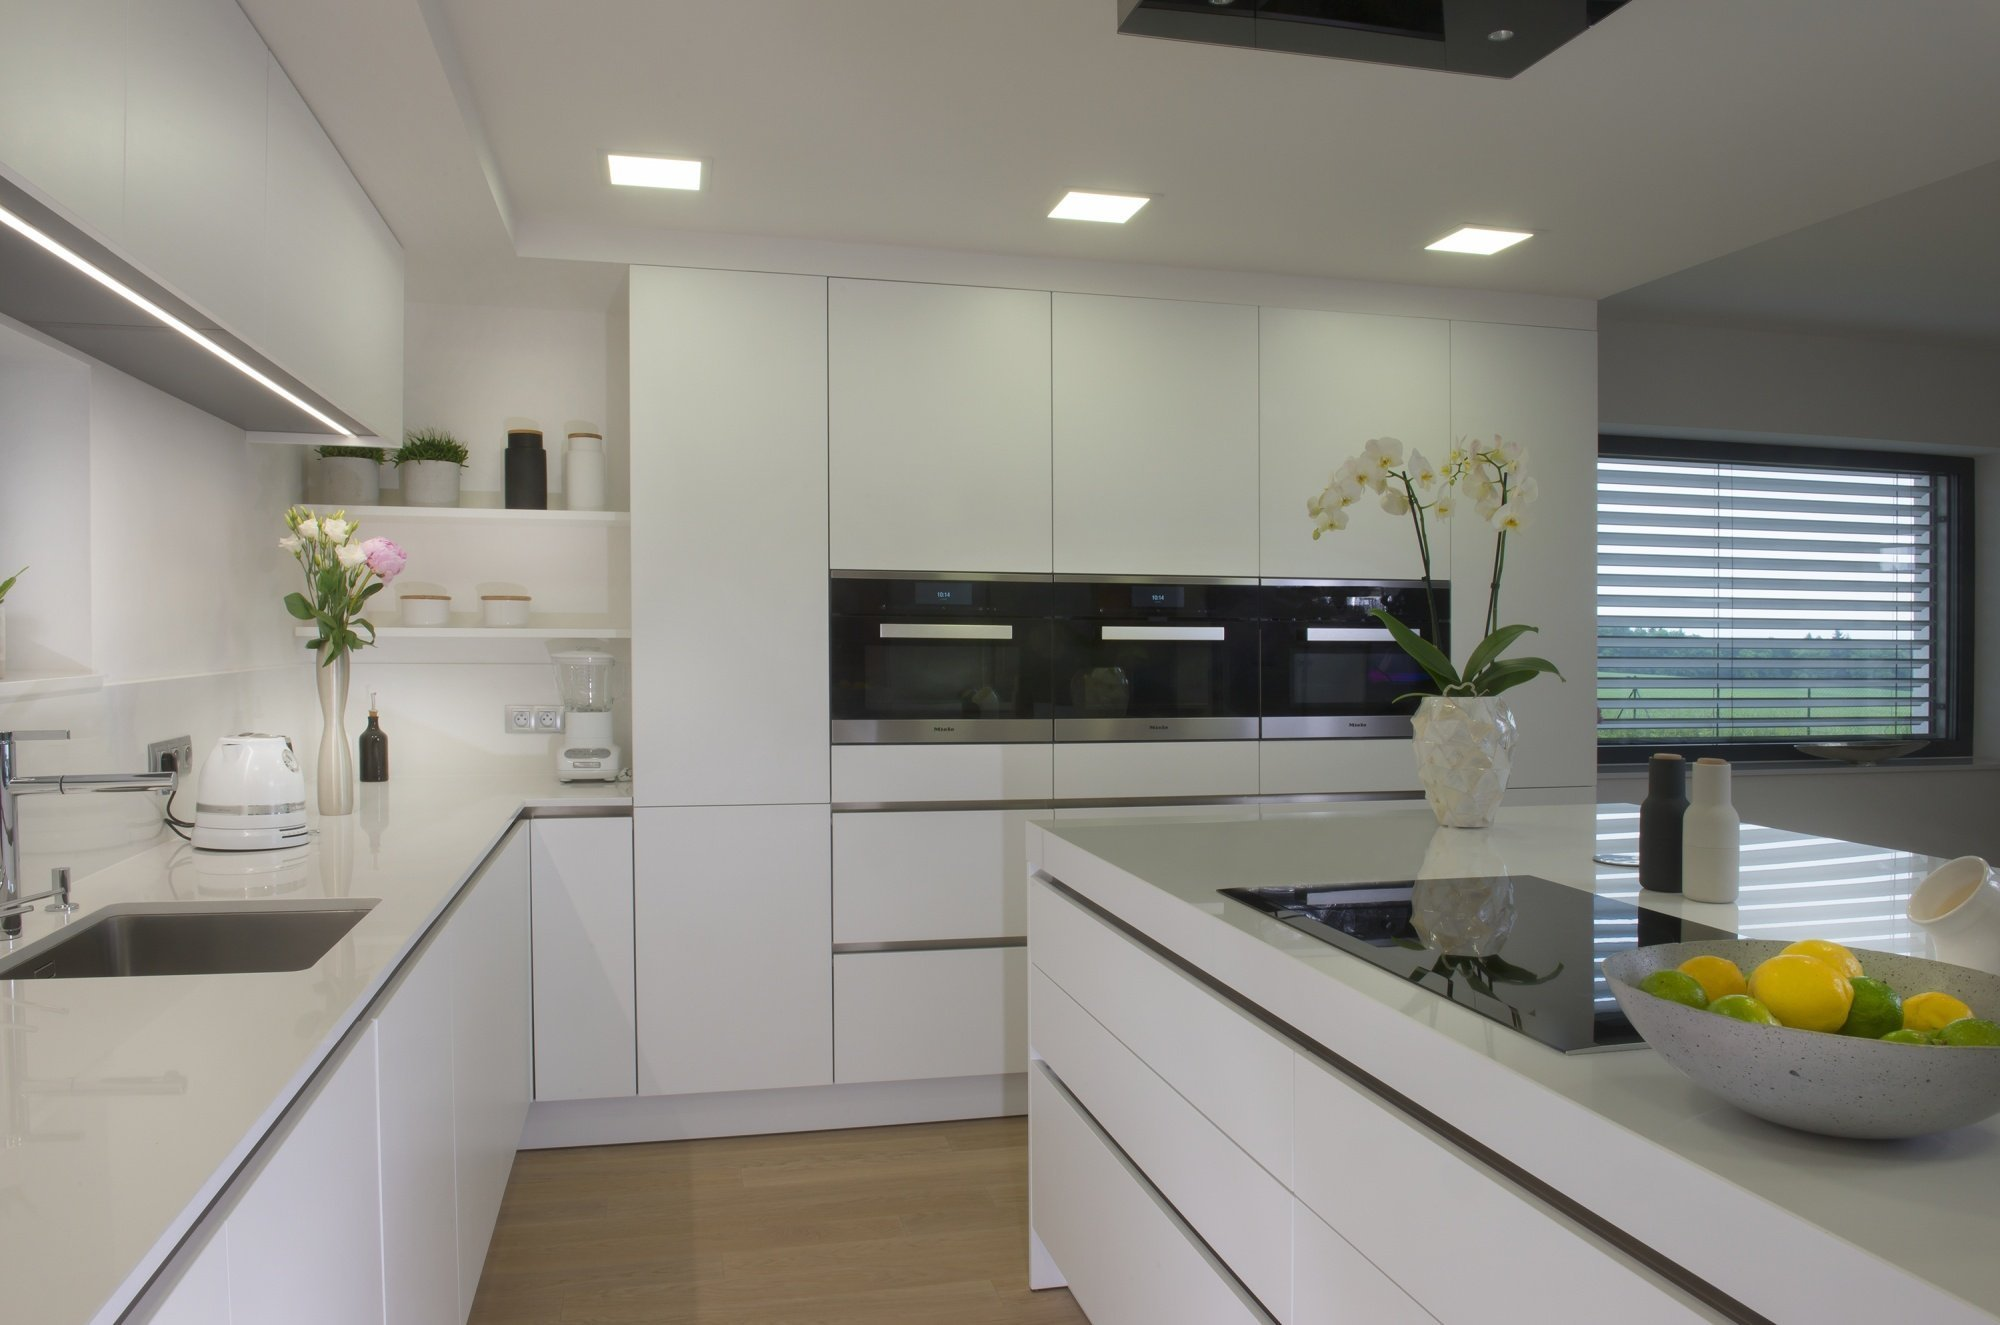 Kuchyň EGGERSMANN, rodinný dům. Provedení matný strukturovaný lak 539 Blutenweiss, bezúchytkový systém e:sing - lišty nerez . Pracovní deska je Technistone…